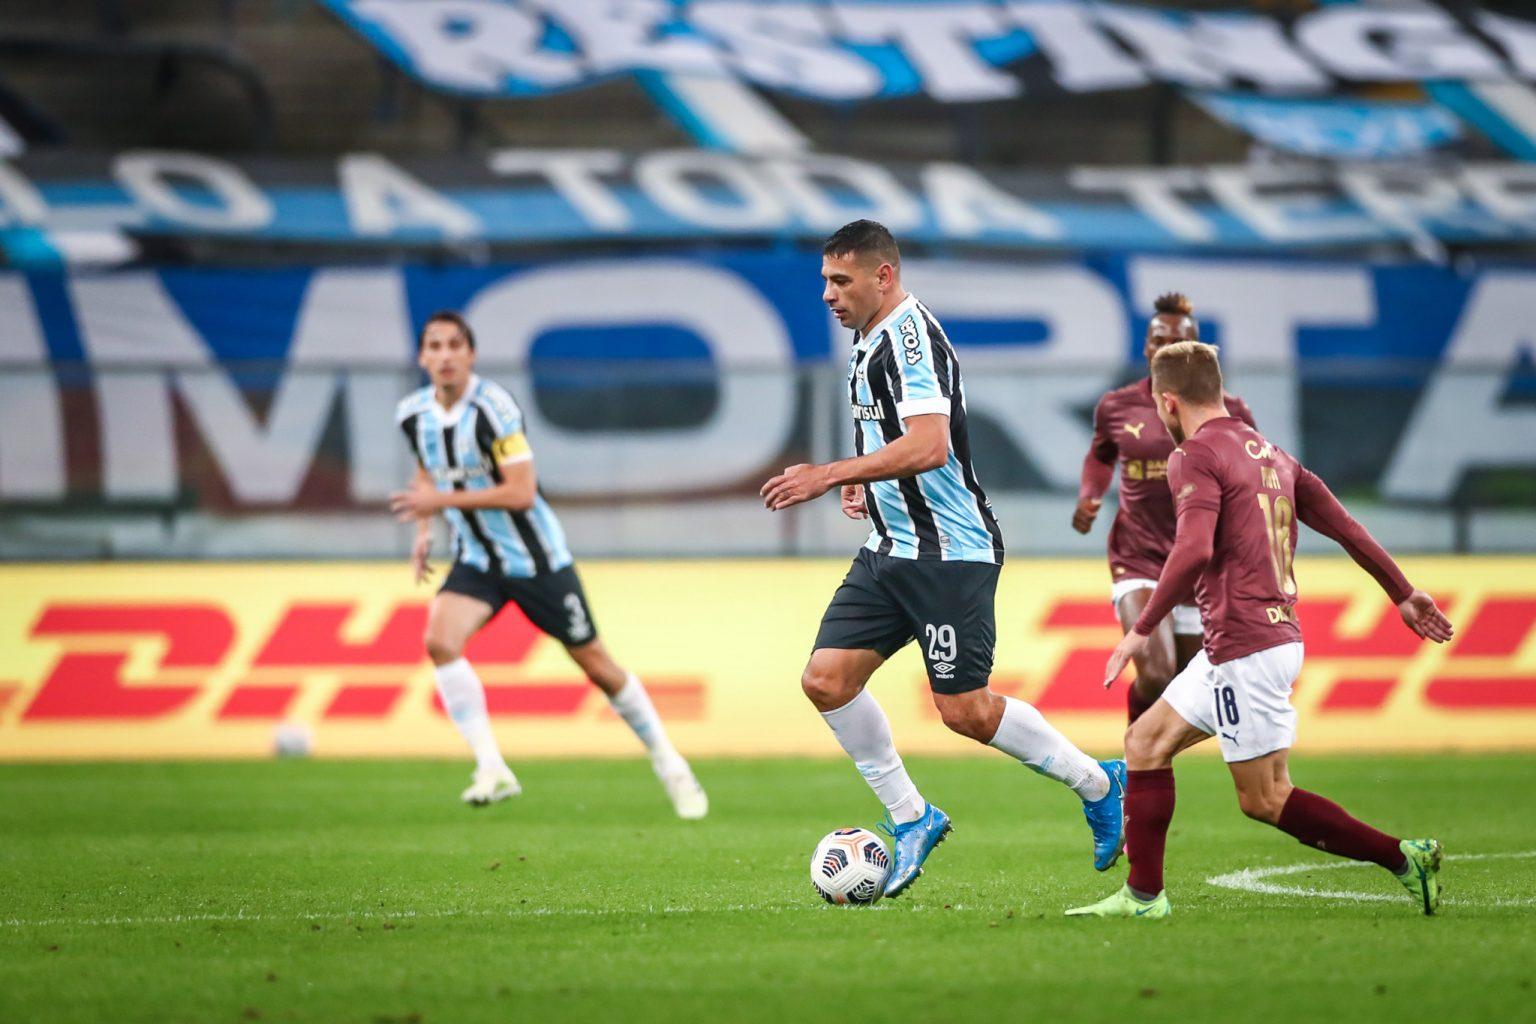 Mesmo com a vitória em Quito, por 1 a 0, o Tricolor não conseguiu seguir na competição. Foto: Lucas Uebel/Grêmio FBPA